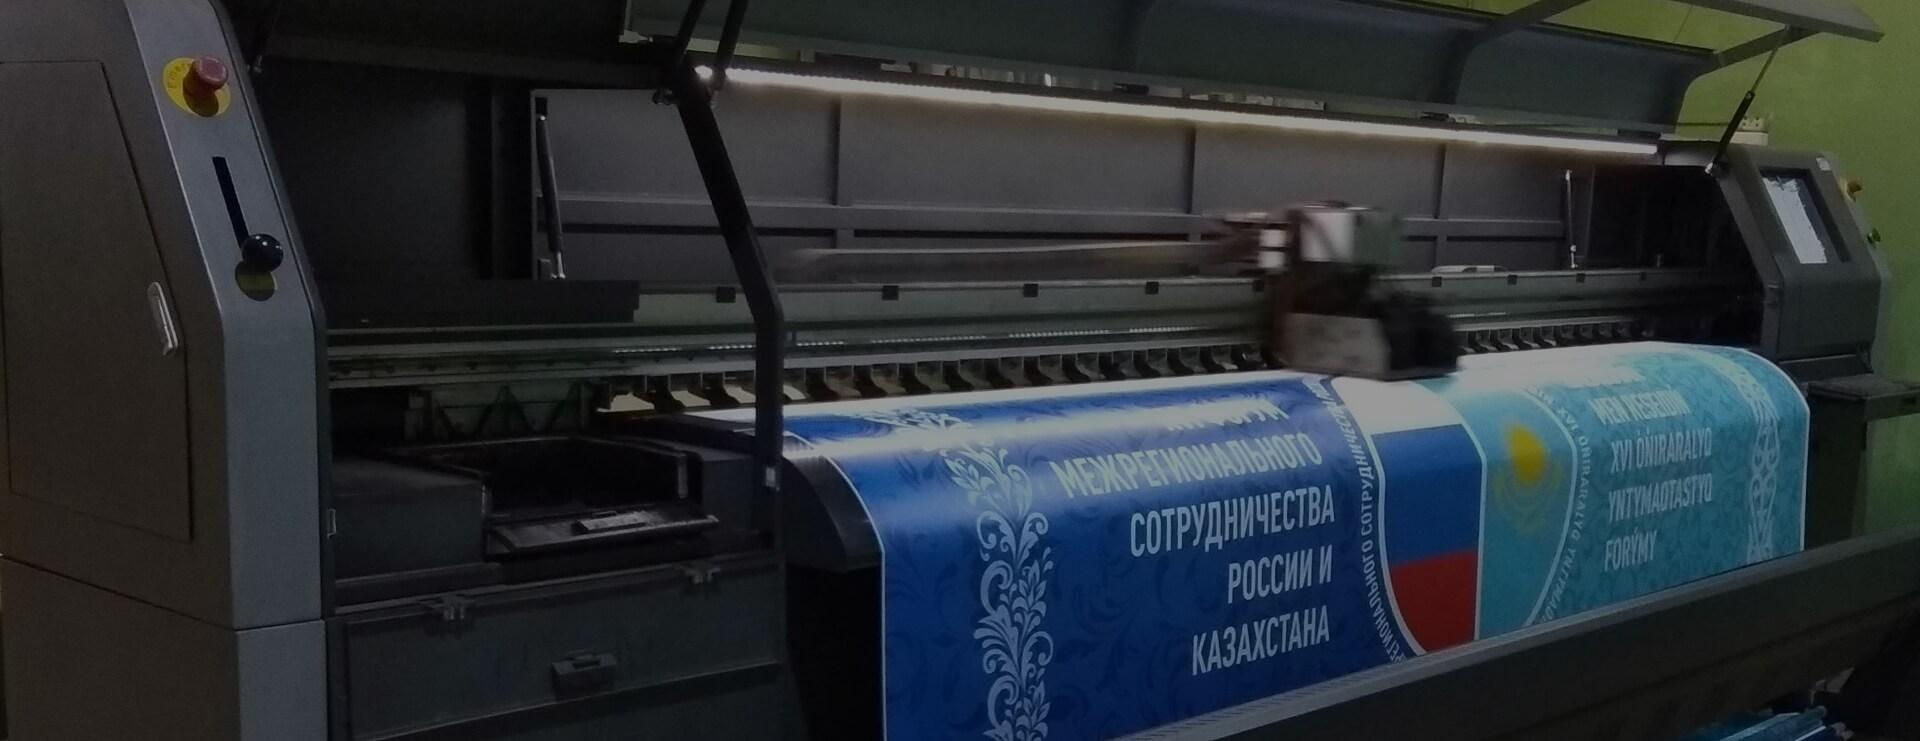 Печатаем баннеры любых размеров